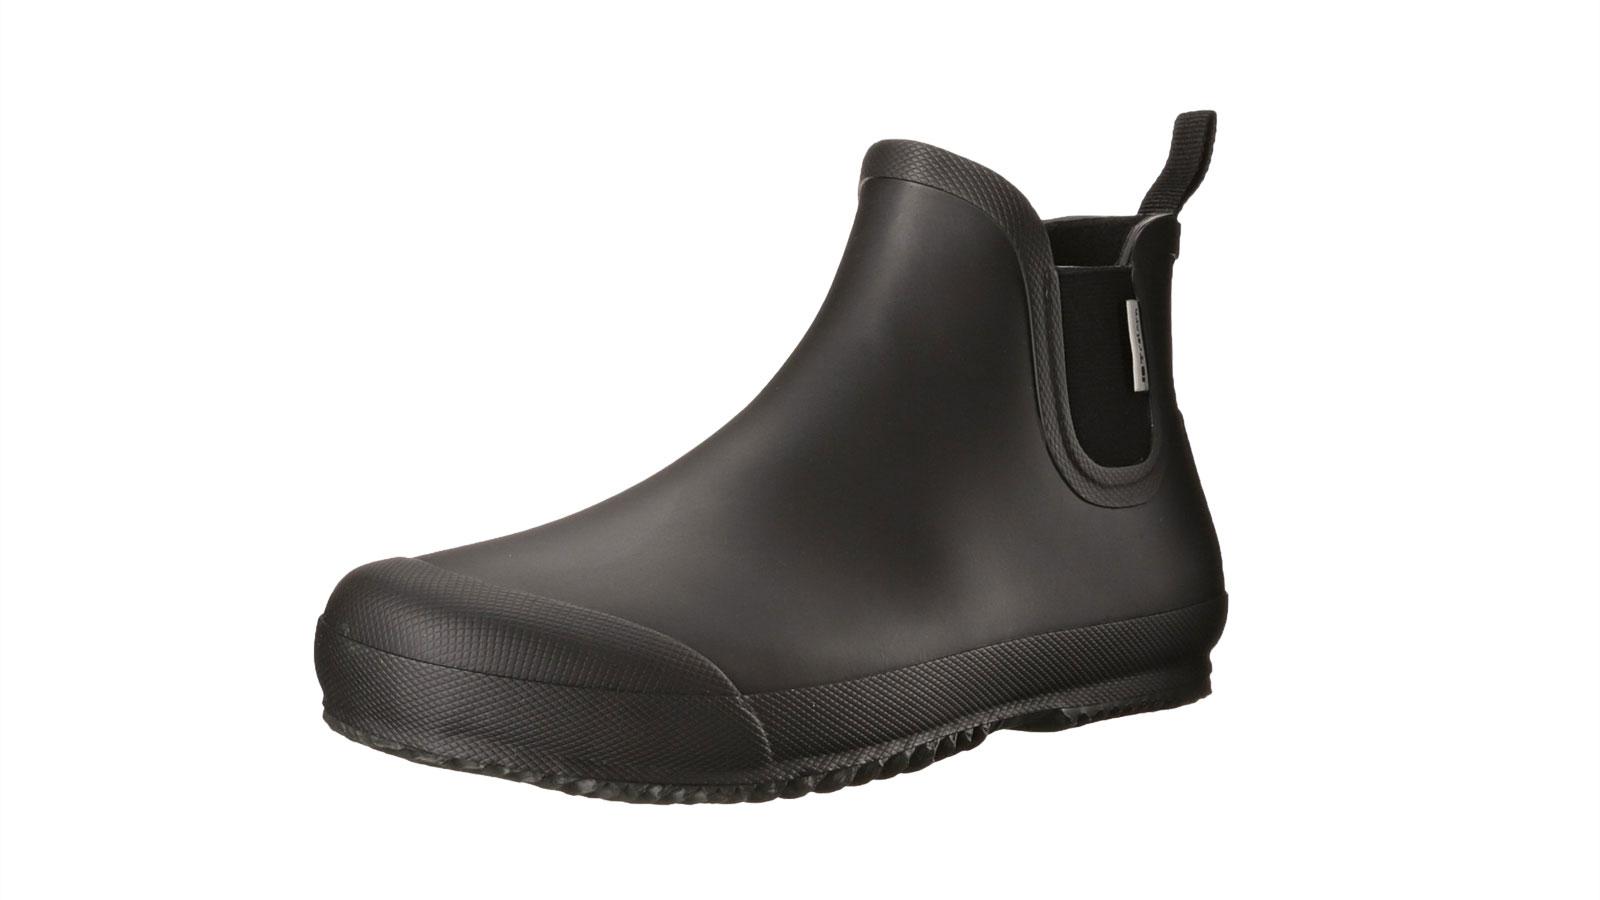 Tretorn Men's BO Waterproof Rain Boot | the best men's waterproof boots